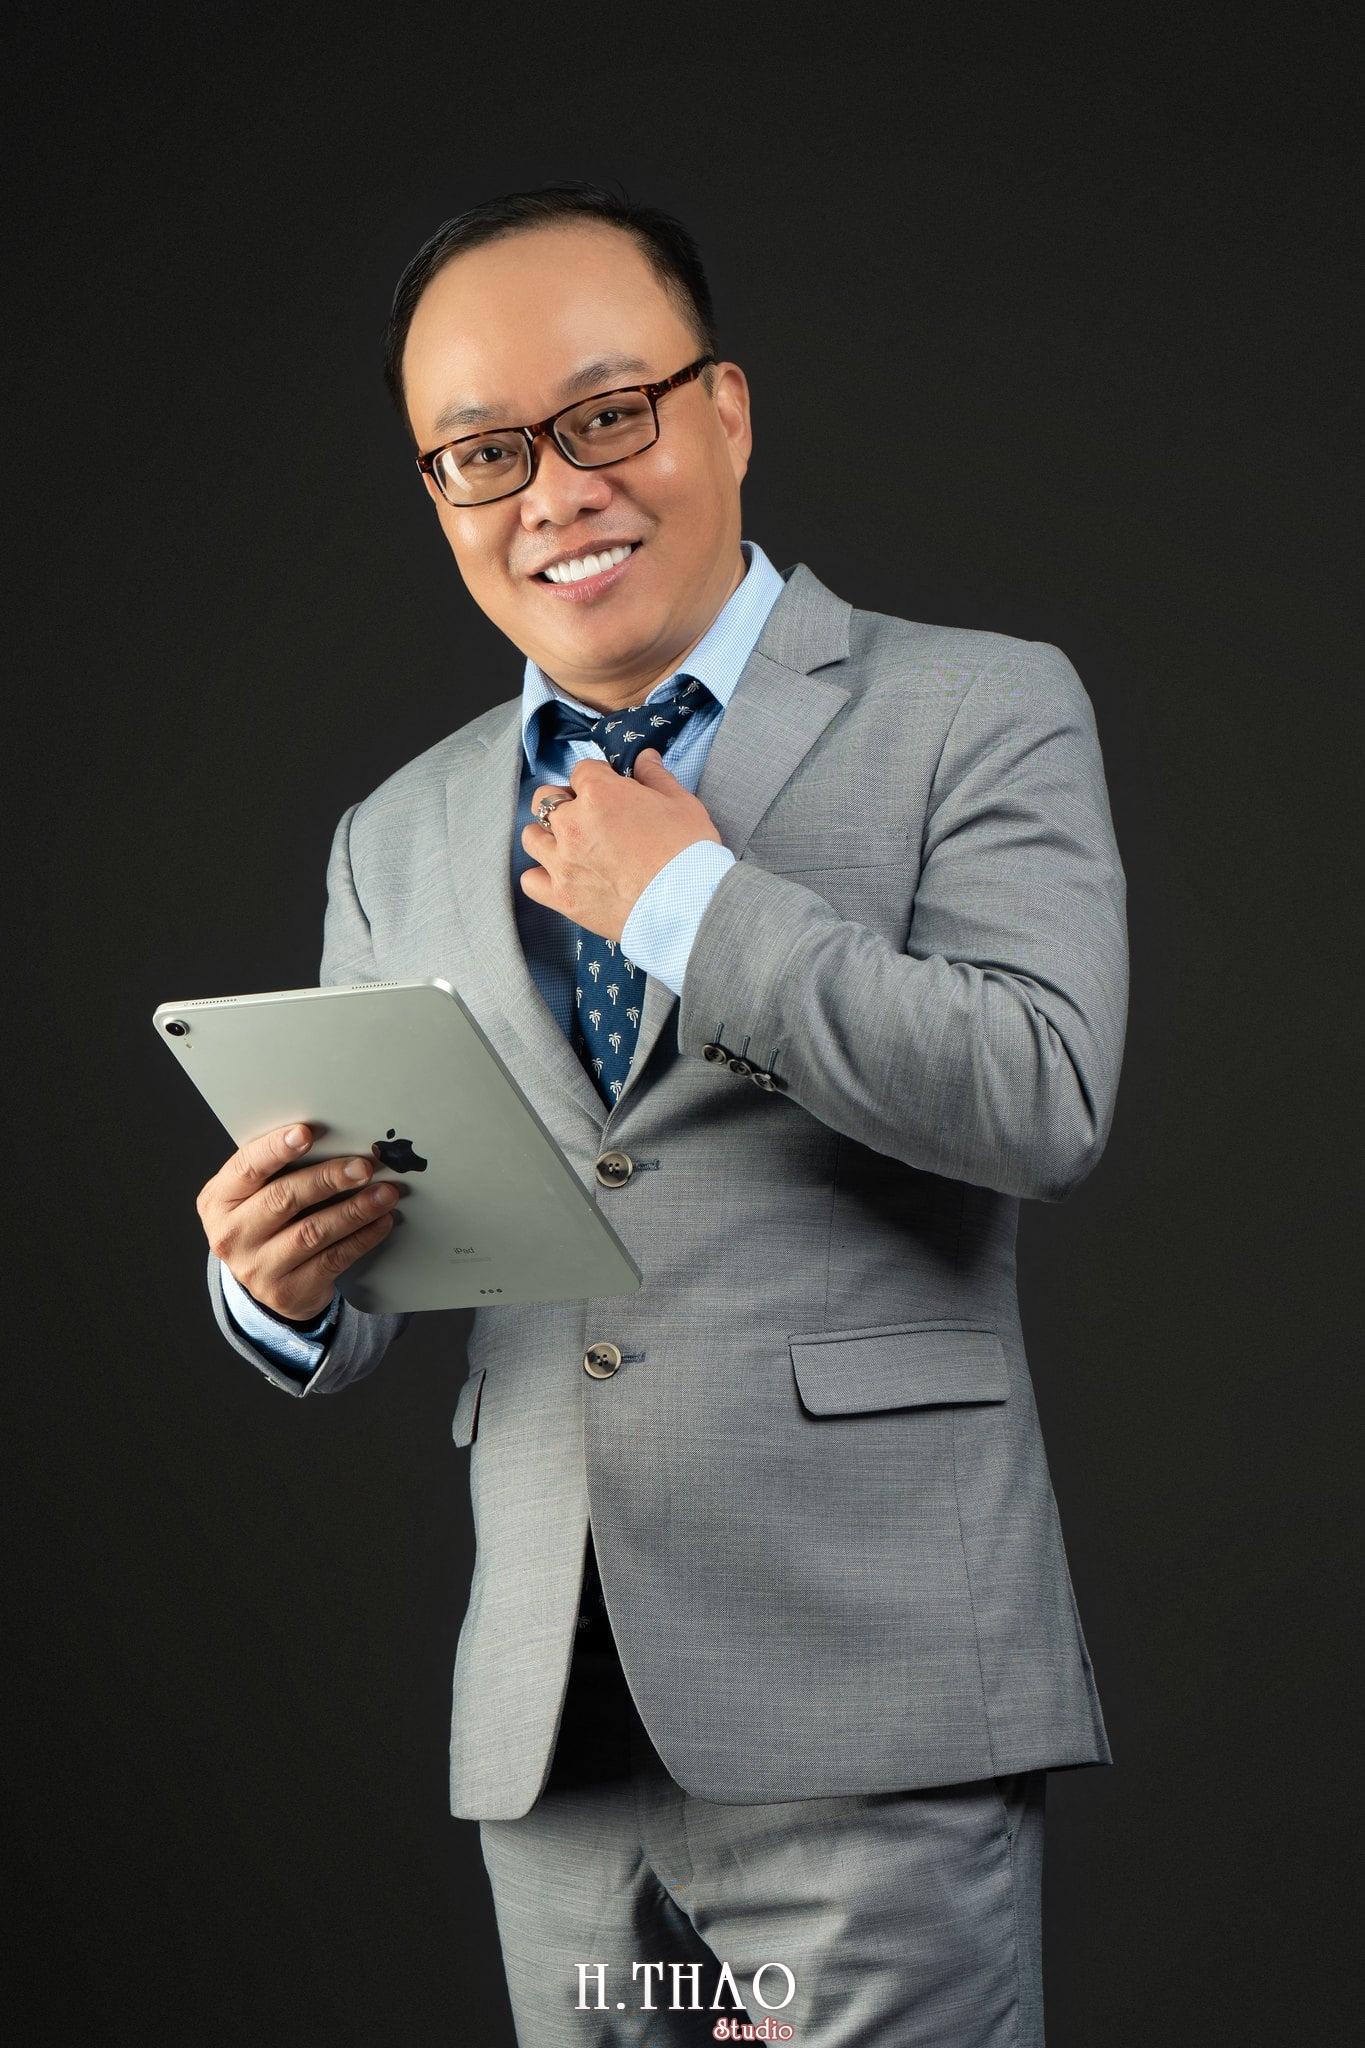 Anh Duy An 9 min - Album ảnh giảng viên, tiến sĩ Duy Ân trẻ tuổi năng động - HThao Studio